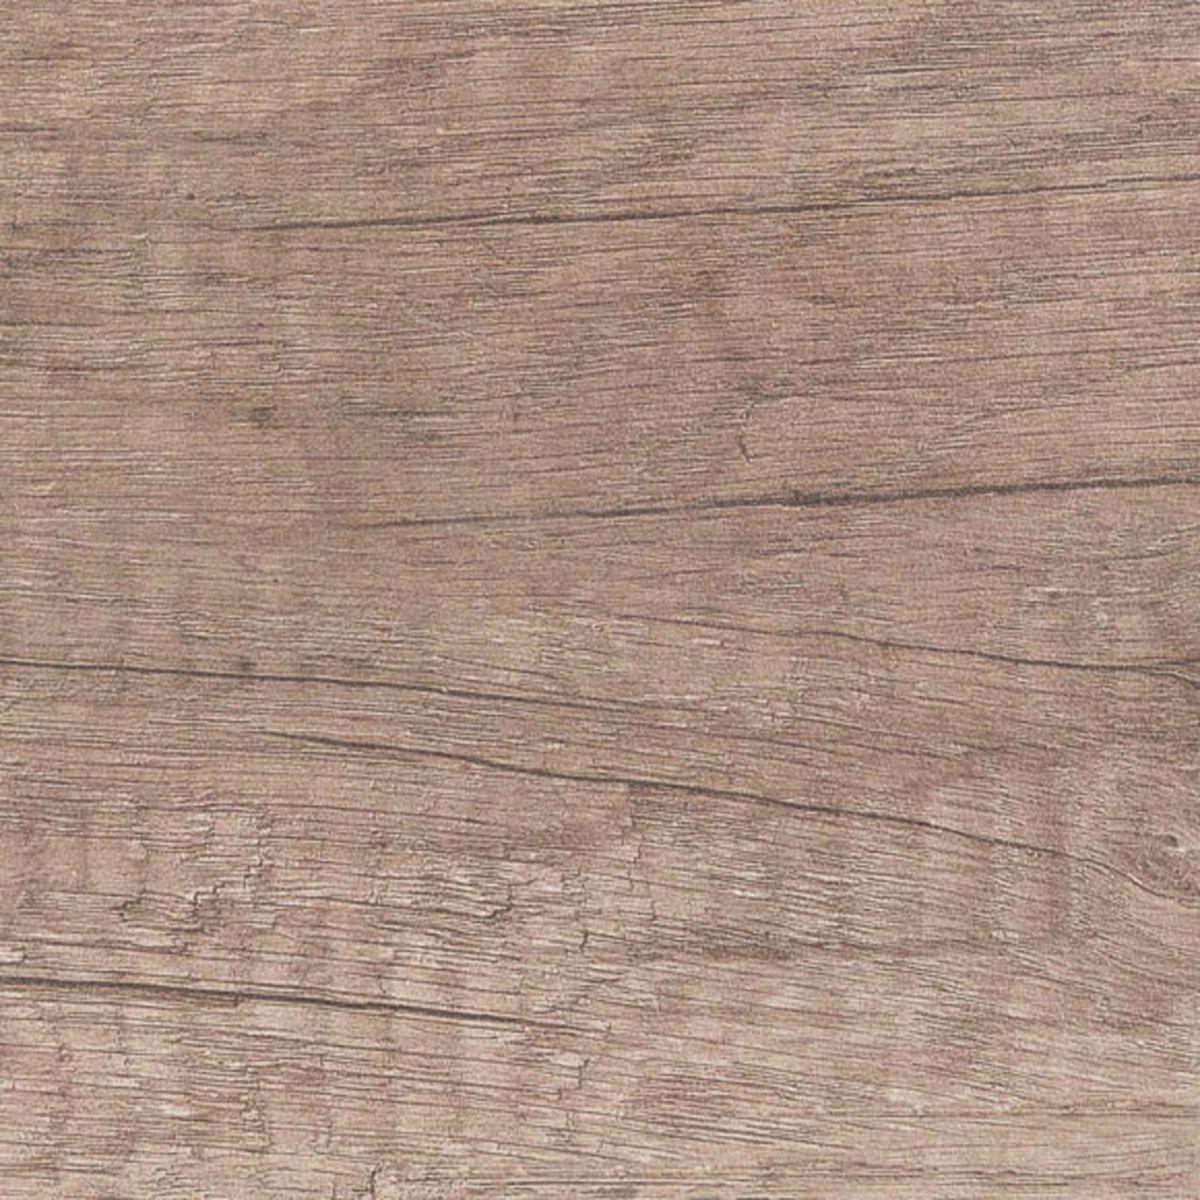 Alterna meuble concerto 2 tiroirs chene nebraska 120 cm cedeo - Woodstock meubles ...